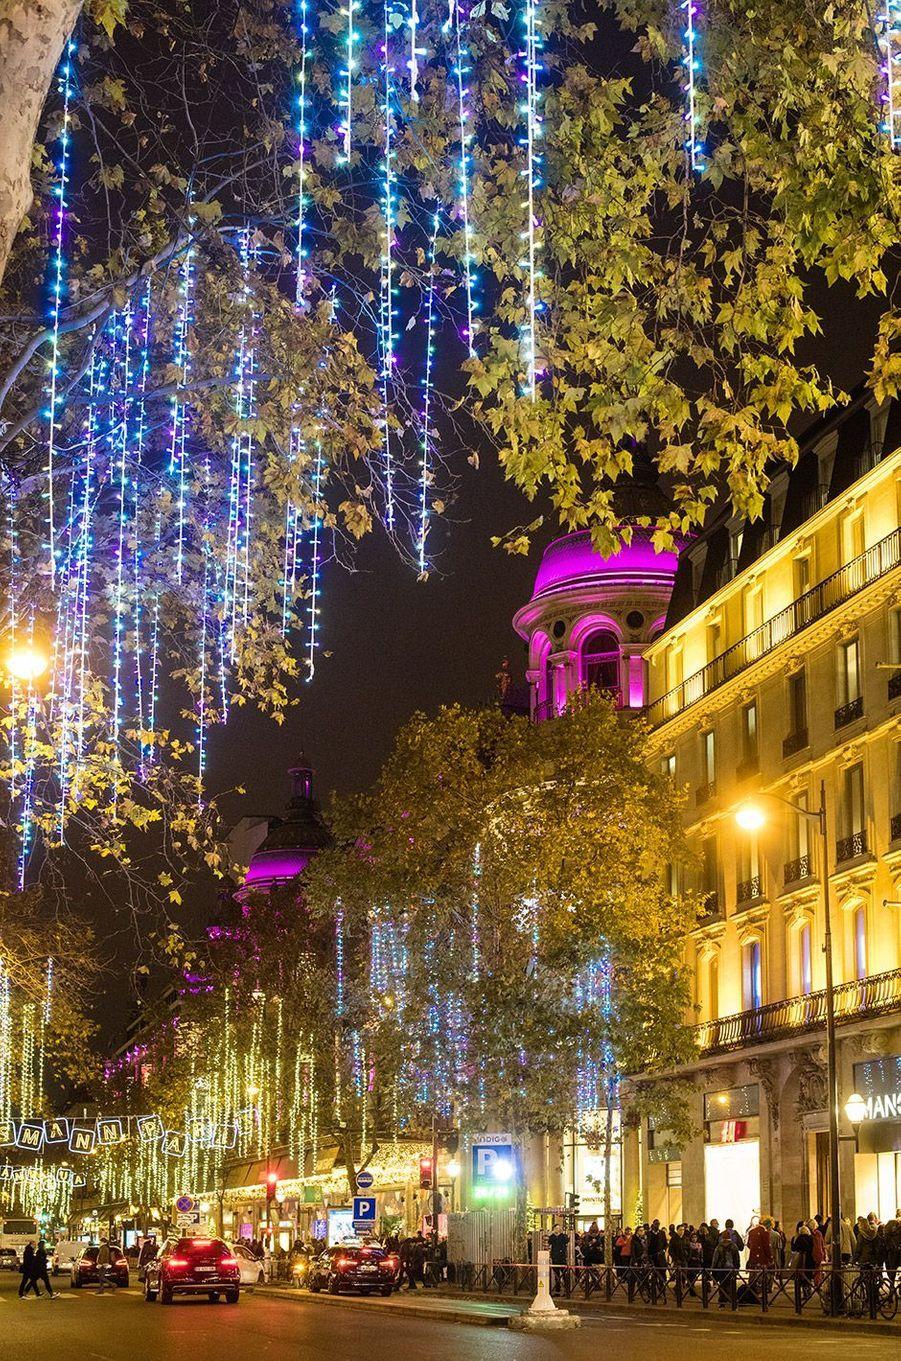 Grands magasins du Boulevard Haussmann avec illuminations de Noël, Paris 2017.